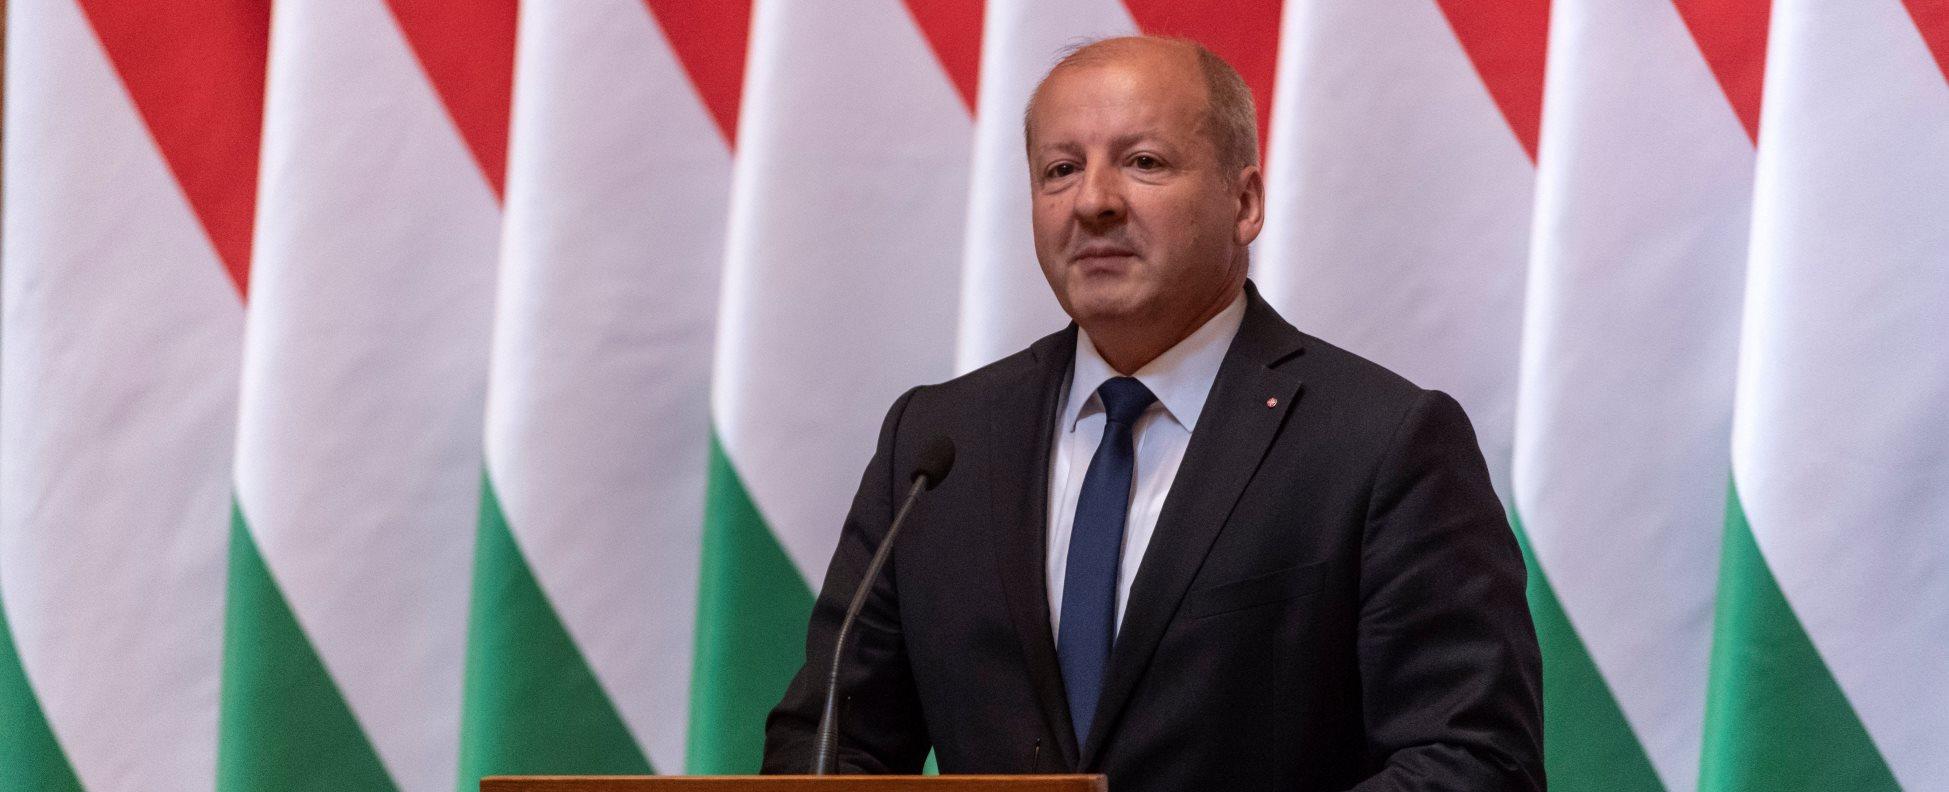 A Honvéd Vezérkar főnöke tisztség átadás-átvételi ünnepsége